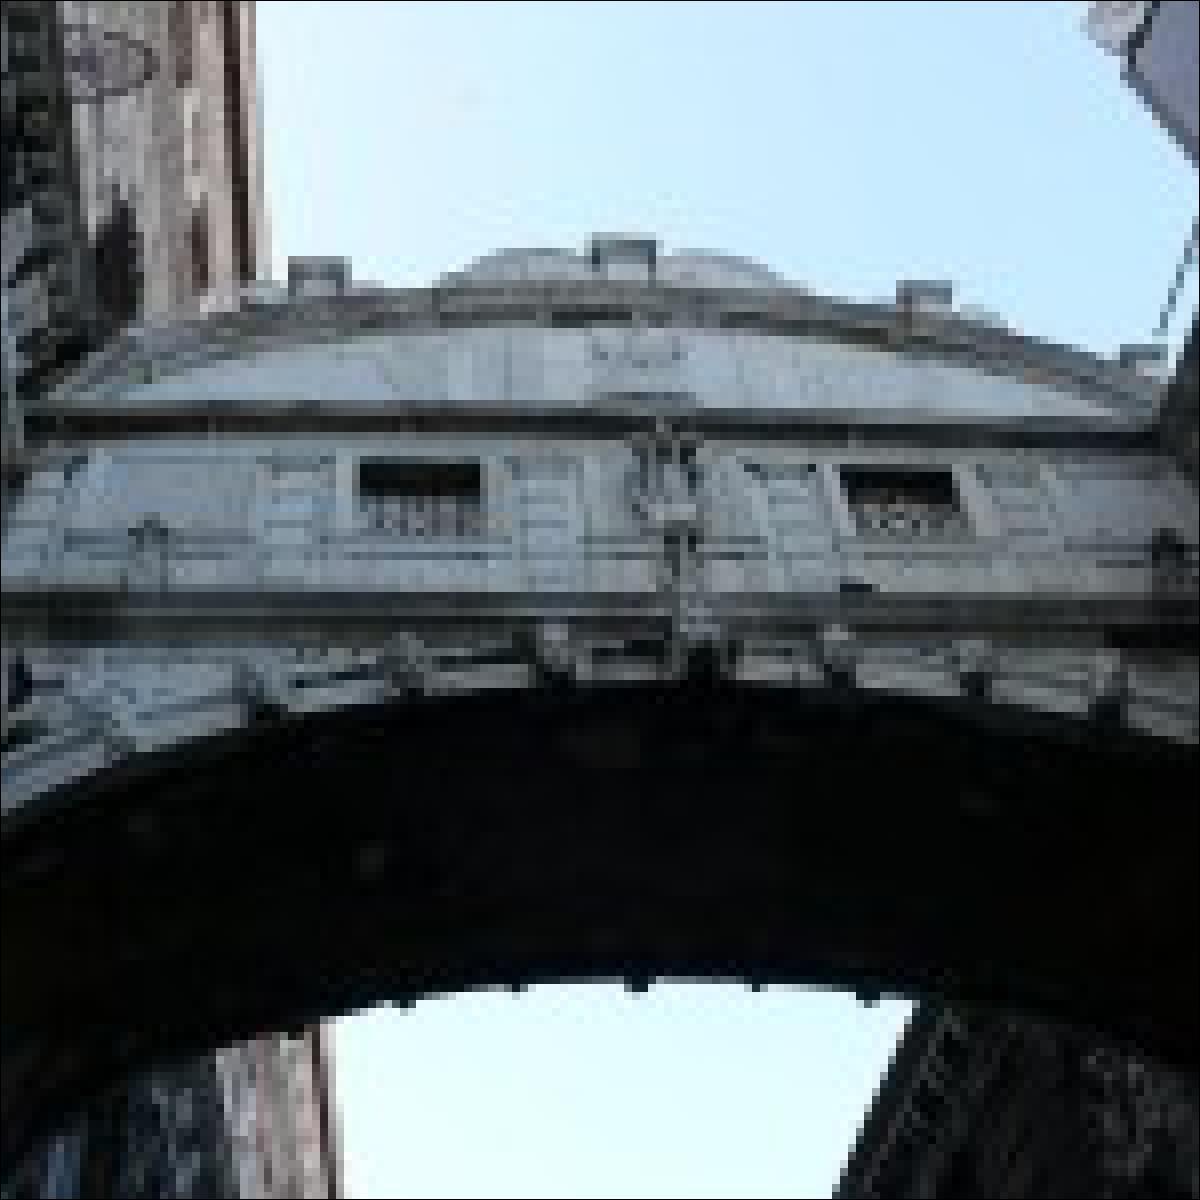 Die Seufzerbrücke verbindet den Dogenpalast mit dem Gefängnis. Auch die Bleikammern gehören zu diesem Gefängnis.